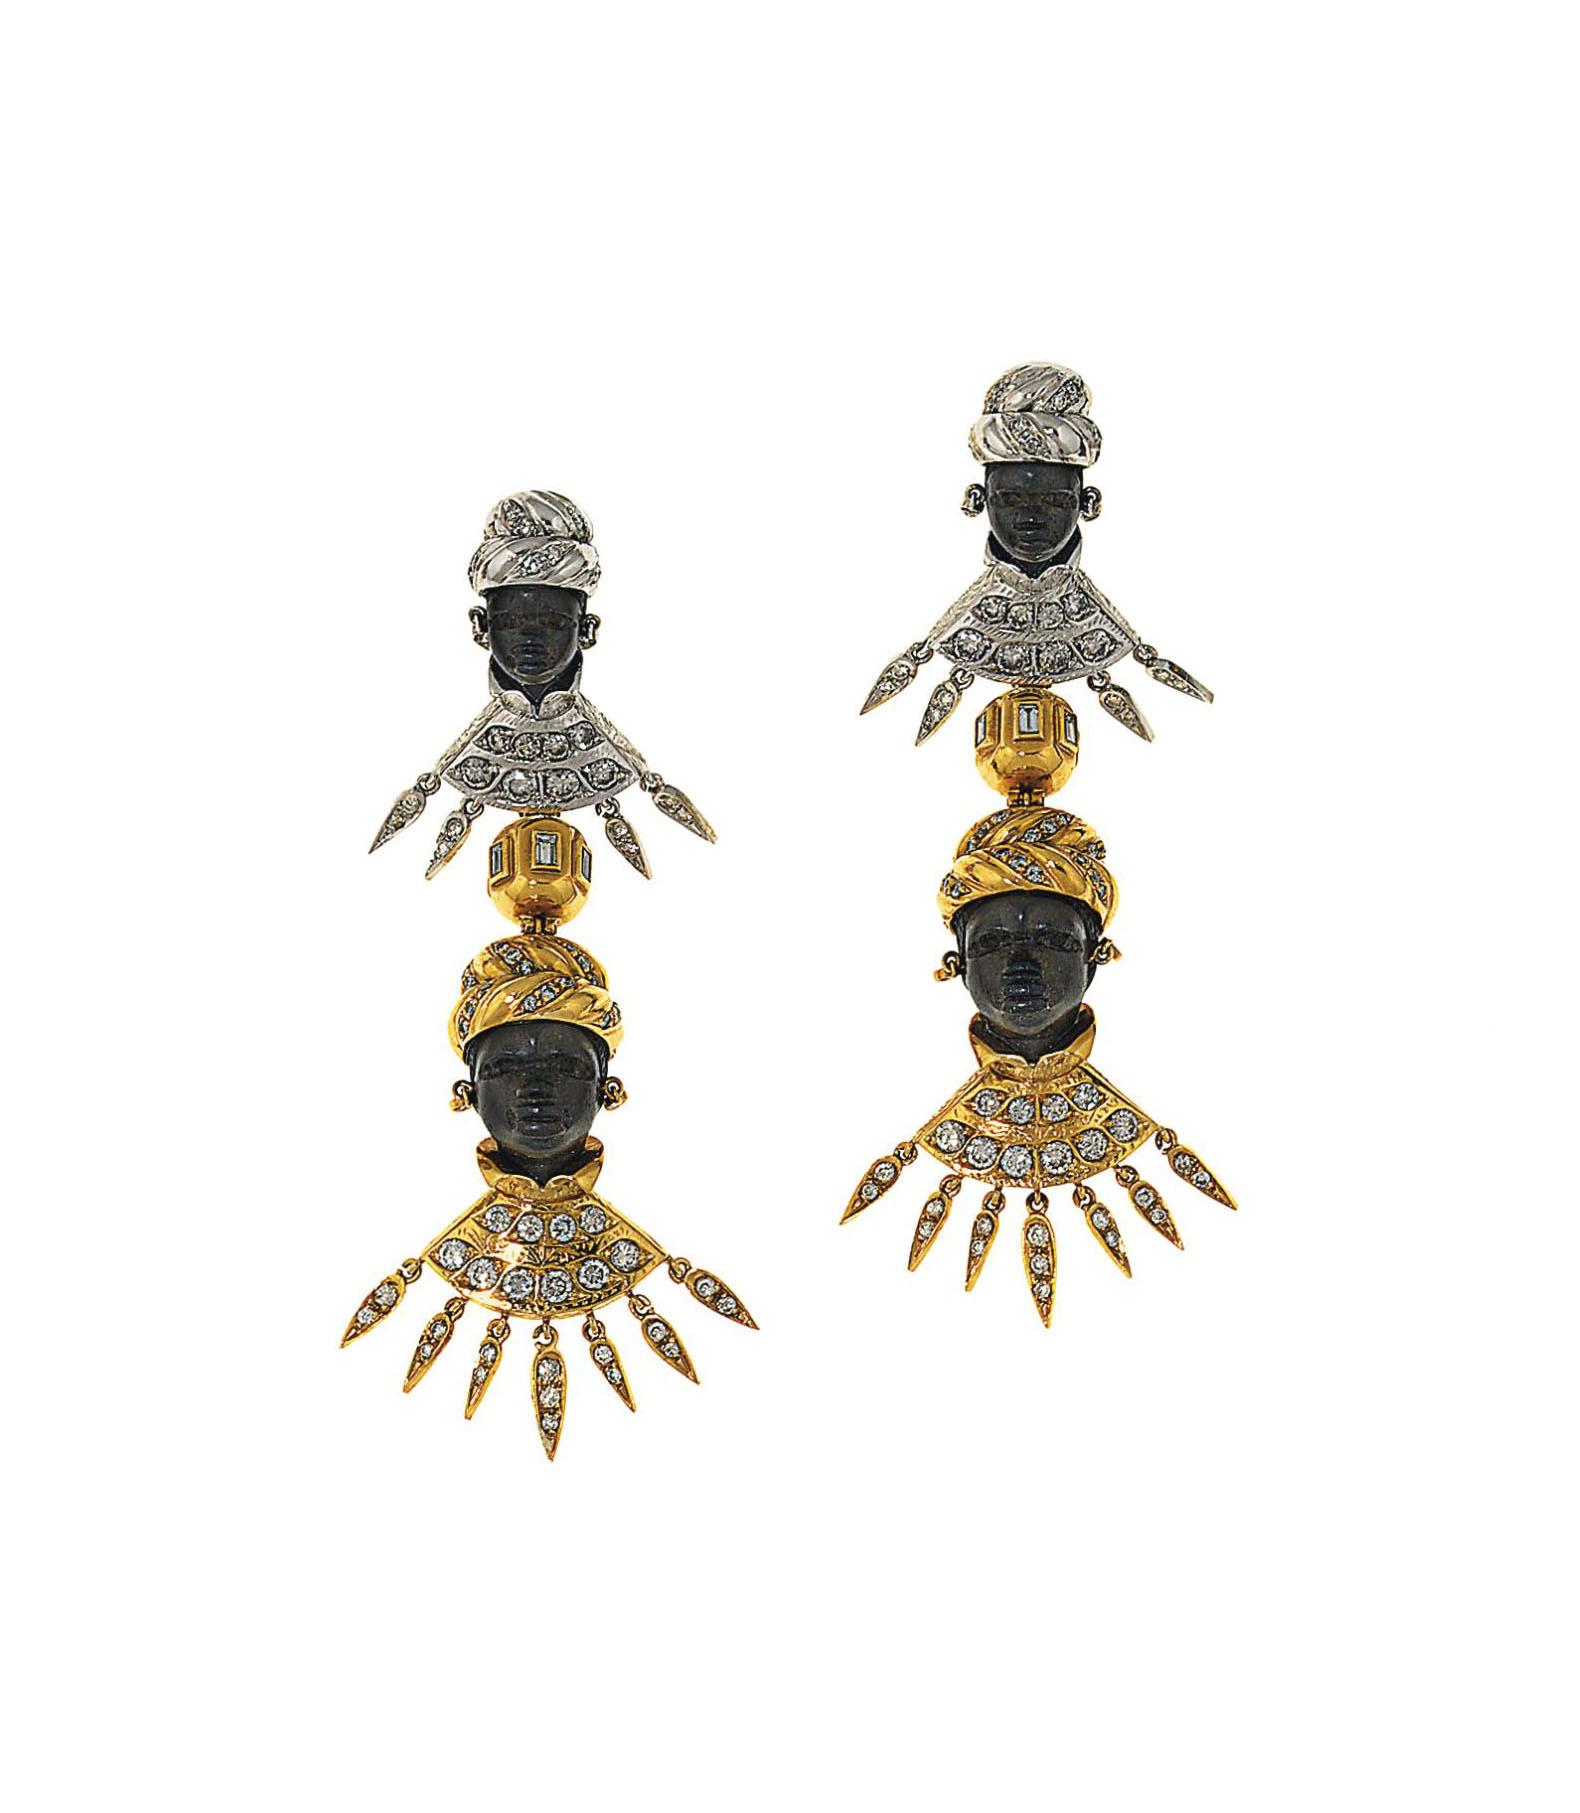 A pair of ebony and diamond-set 'Blackamoor' earrings, by Codognato